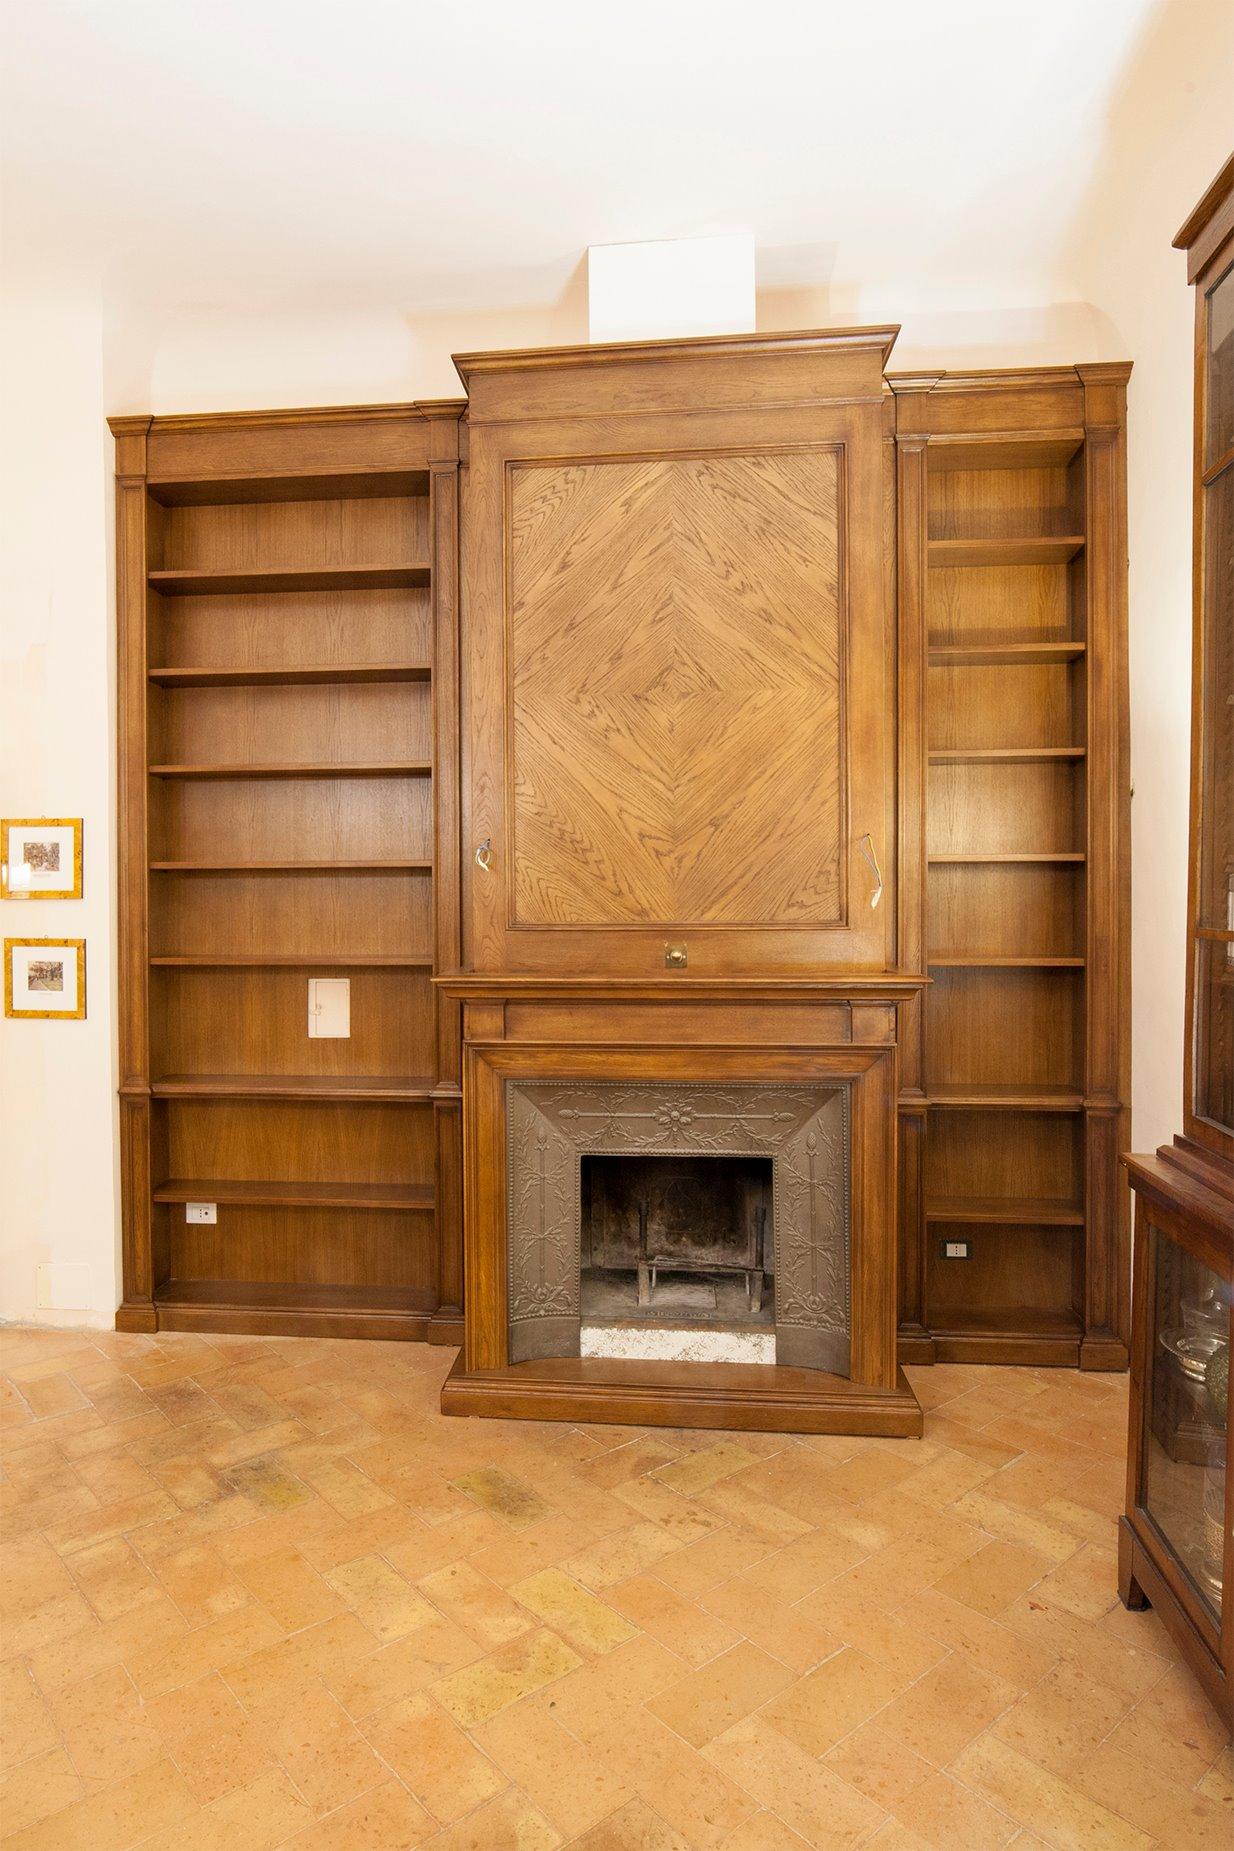 libreria boiserie in rovere-legnoeoltre